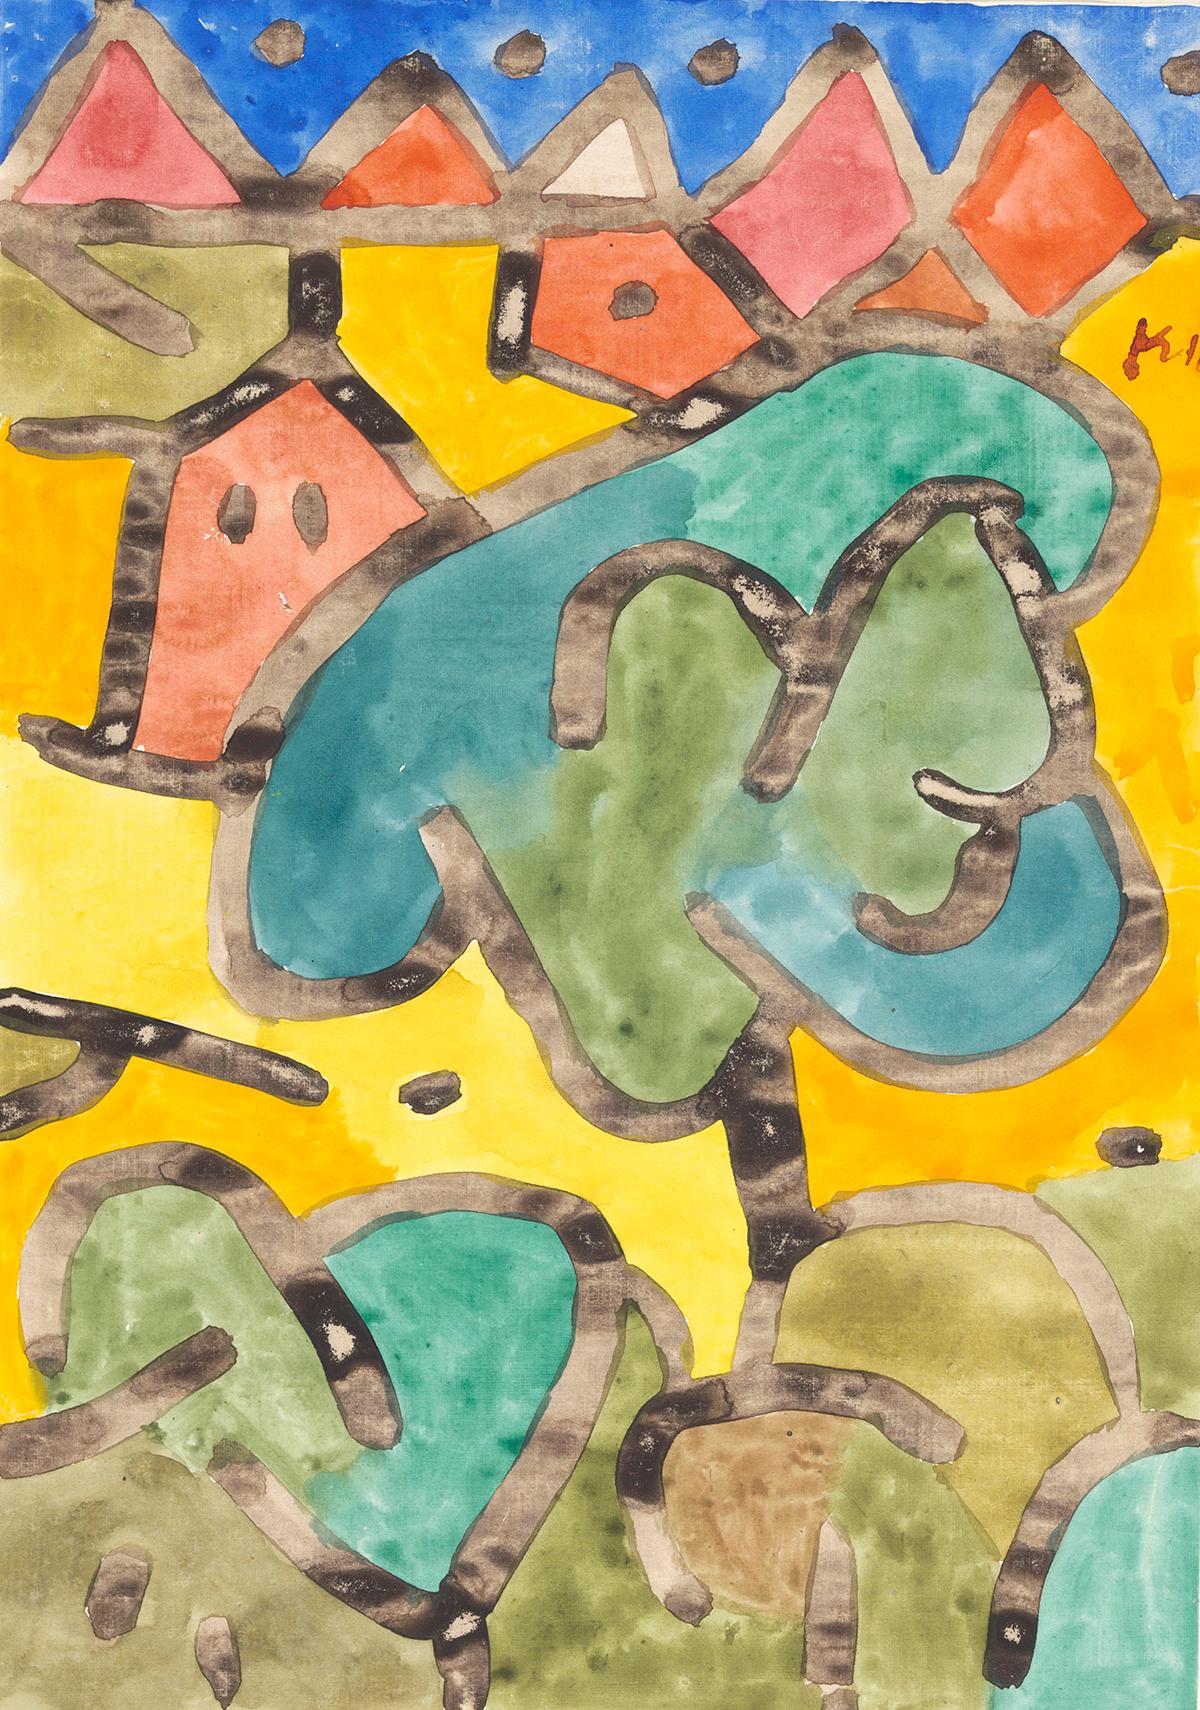 Paul Klee, Kleiner Obstgarten, 1939 © Privatbesitz, Schweiz, Depositum im Zentrum Paul Klee, Bern